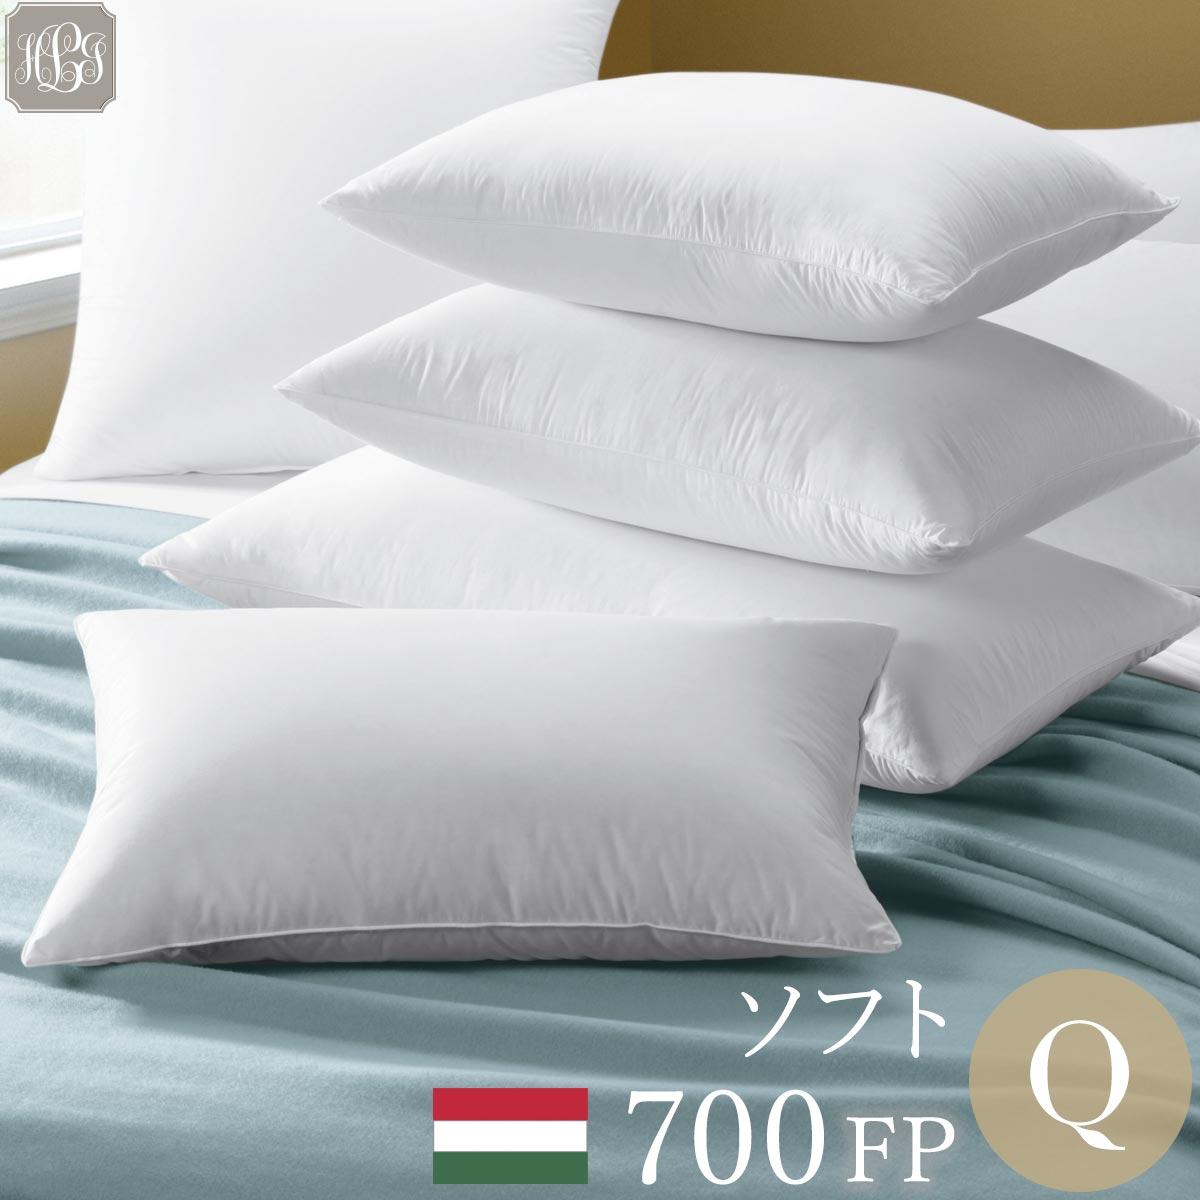 羽毛枕 700FPヨーロピアンホワイトグース クイーン 50cmx76cm ソフト 高級ホテル 低め 80番手 超長綿100%